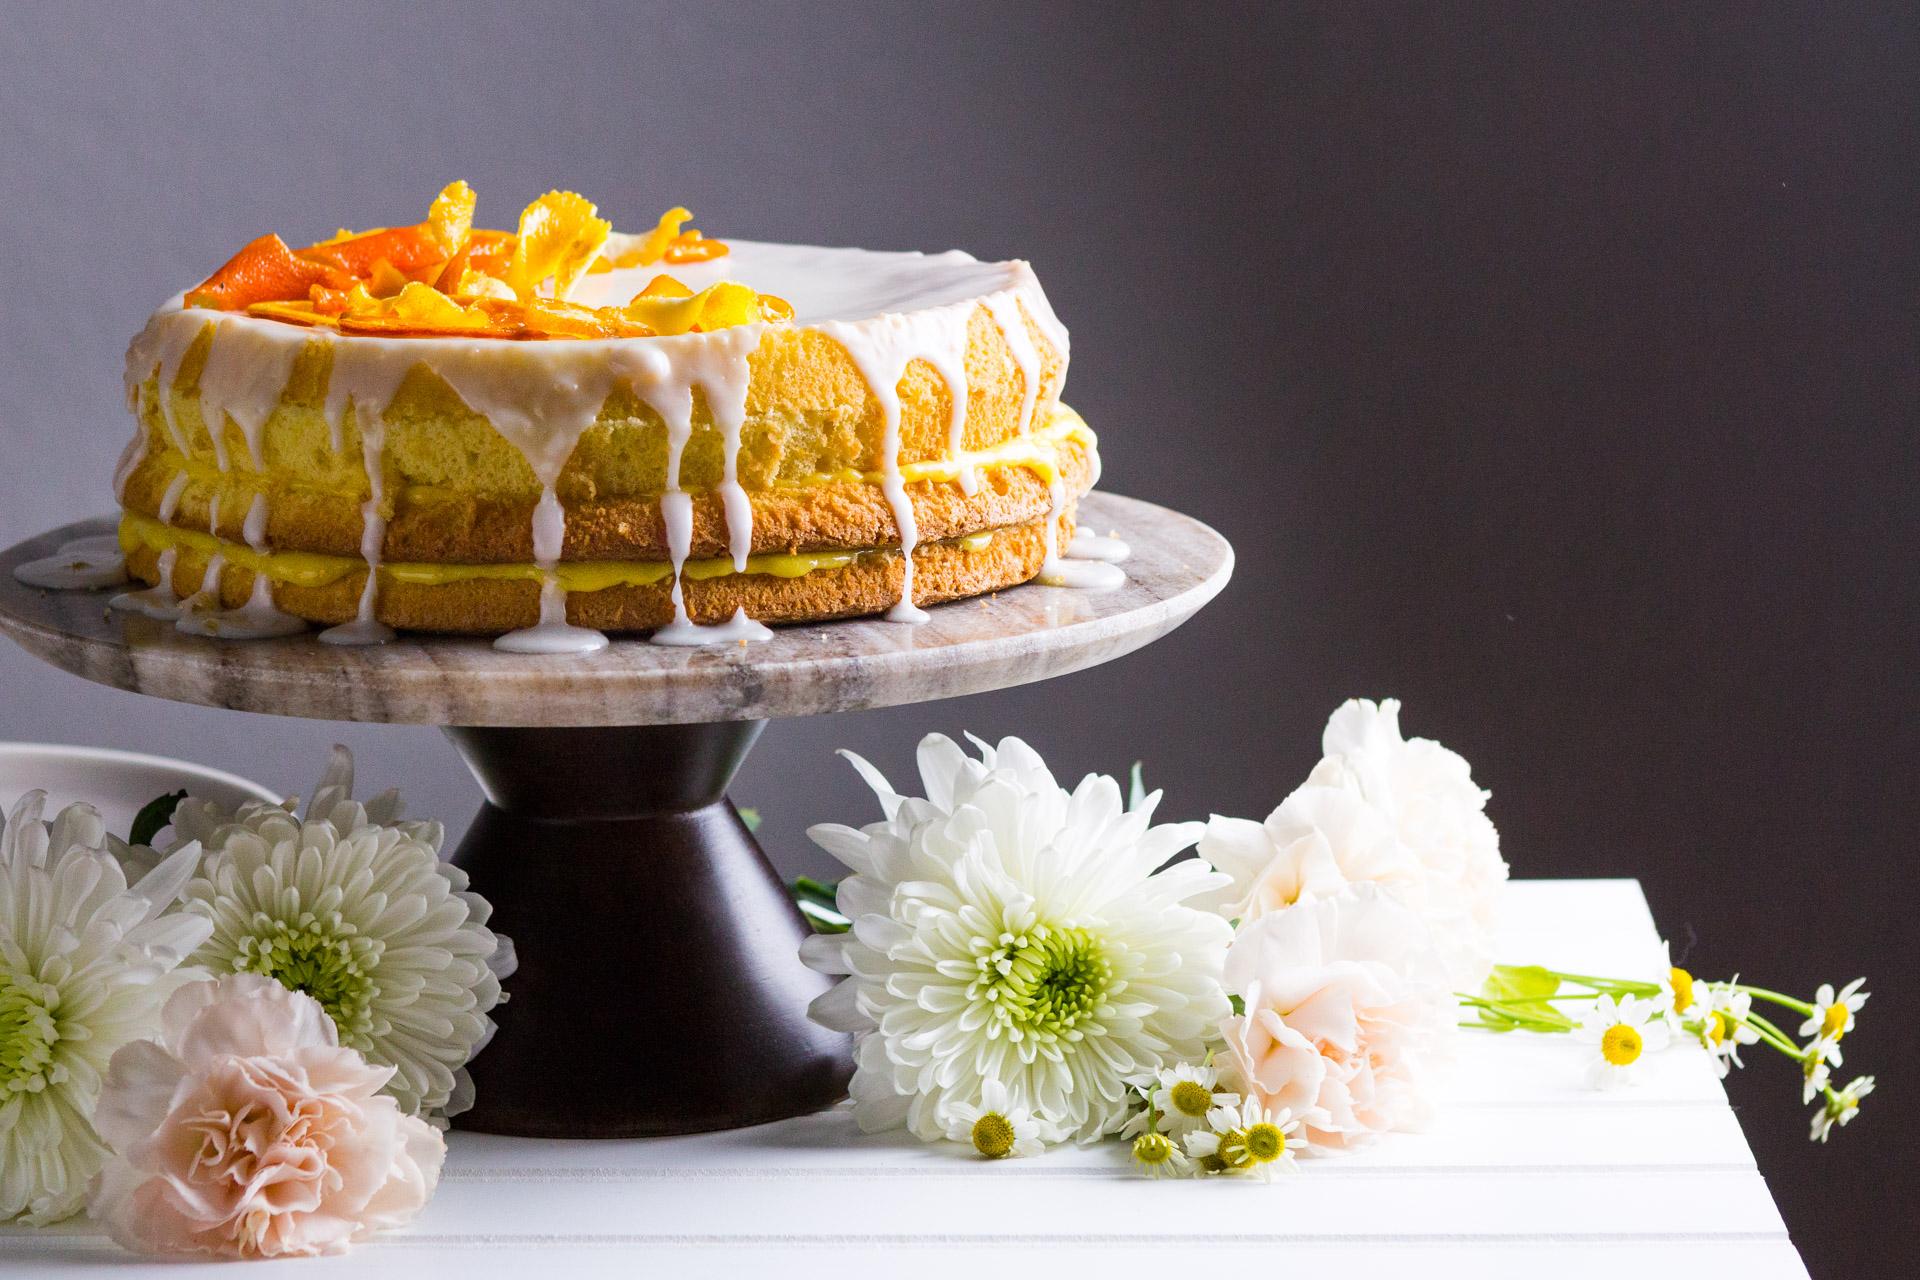 citrus-cake-6.jpg